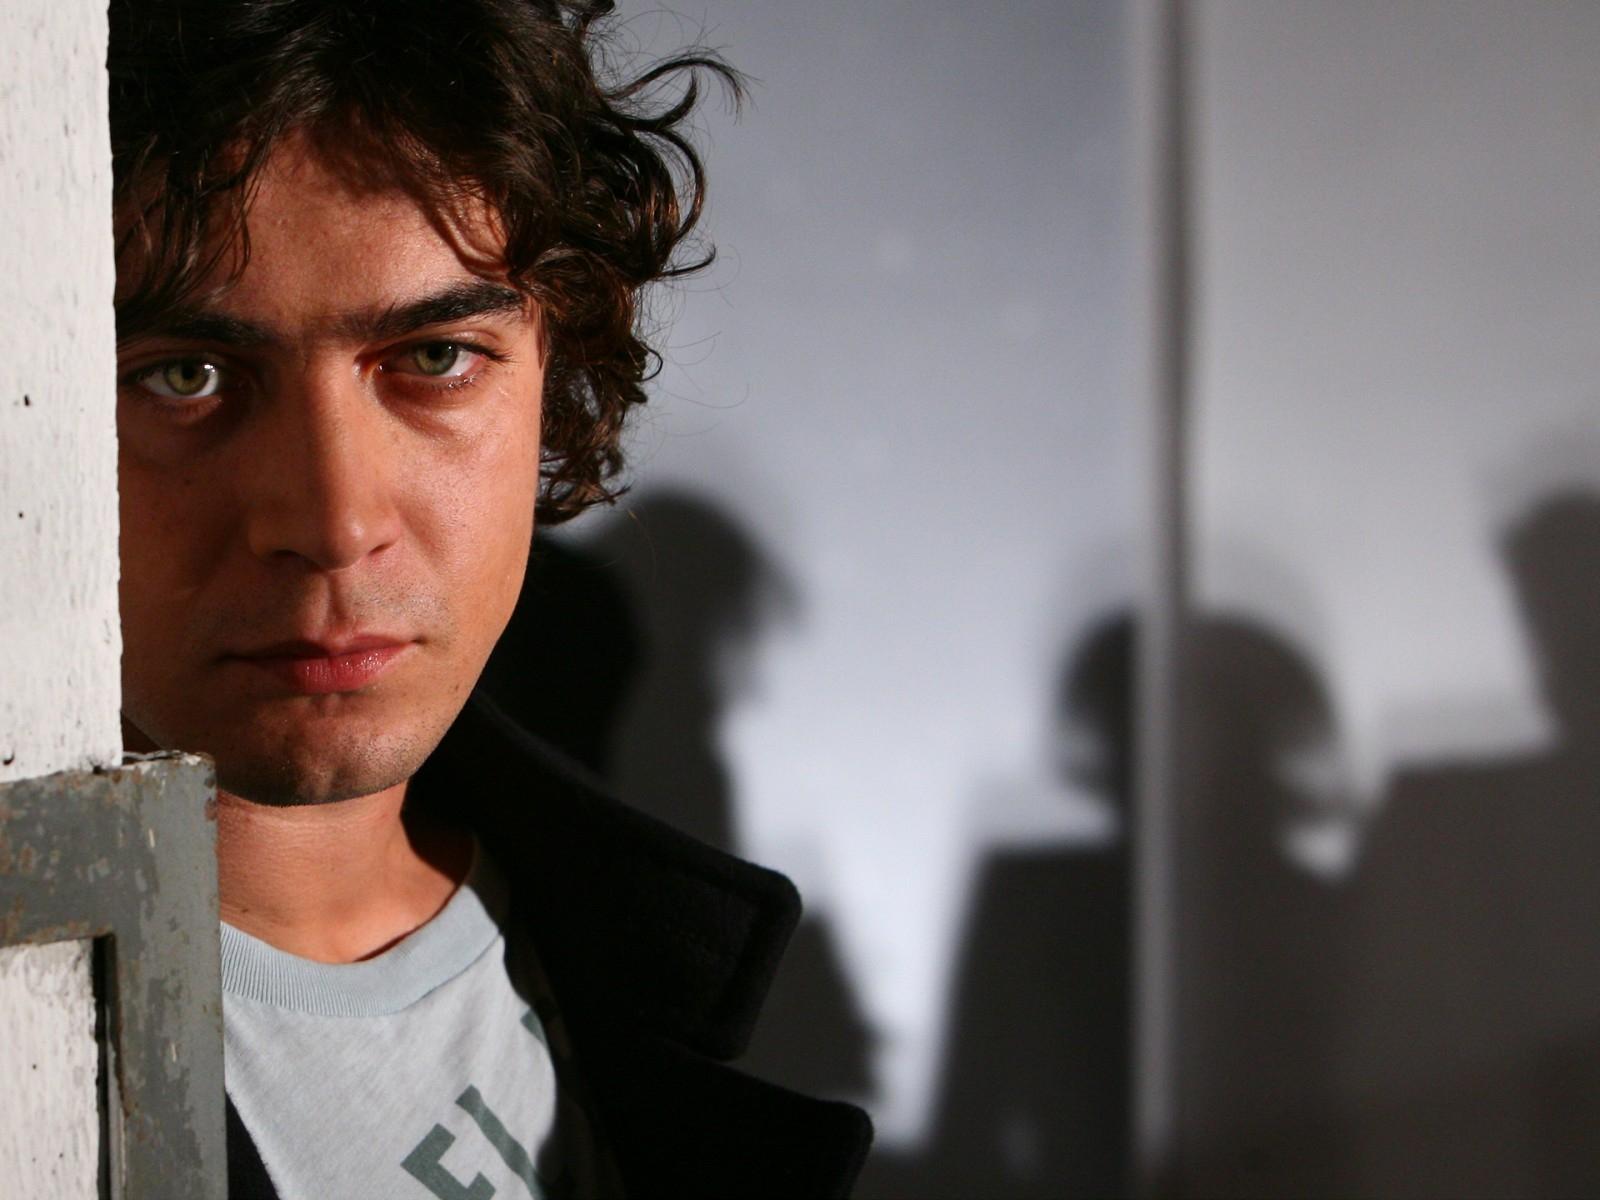 Wallpaper del film Colpo d'occhio con Riccardo Scamarcio